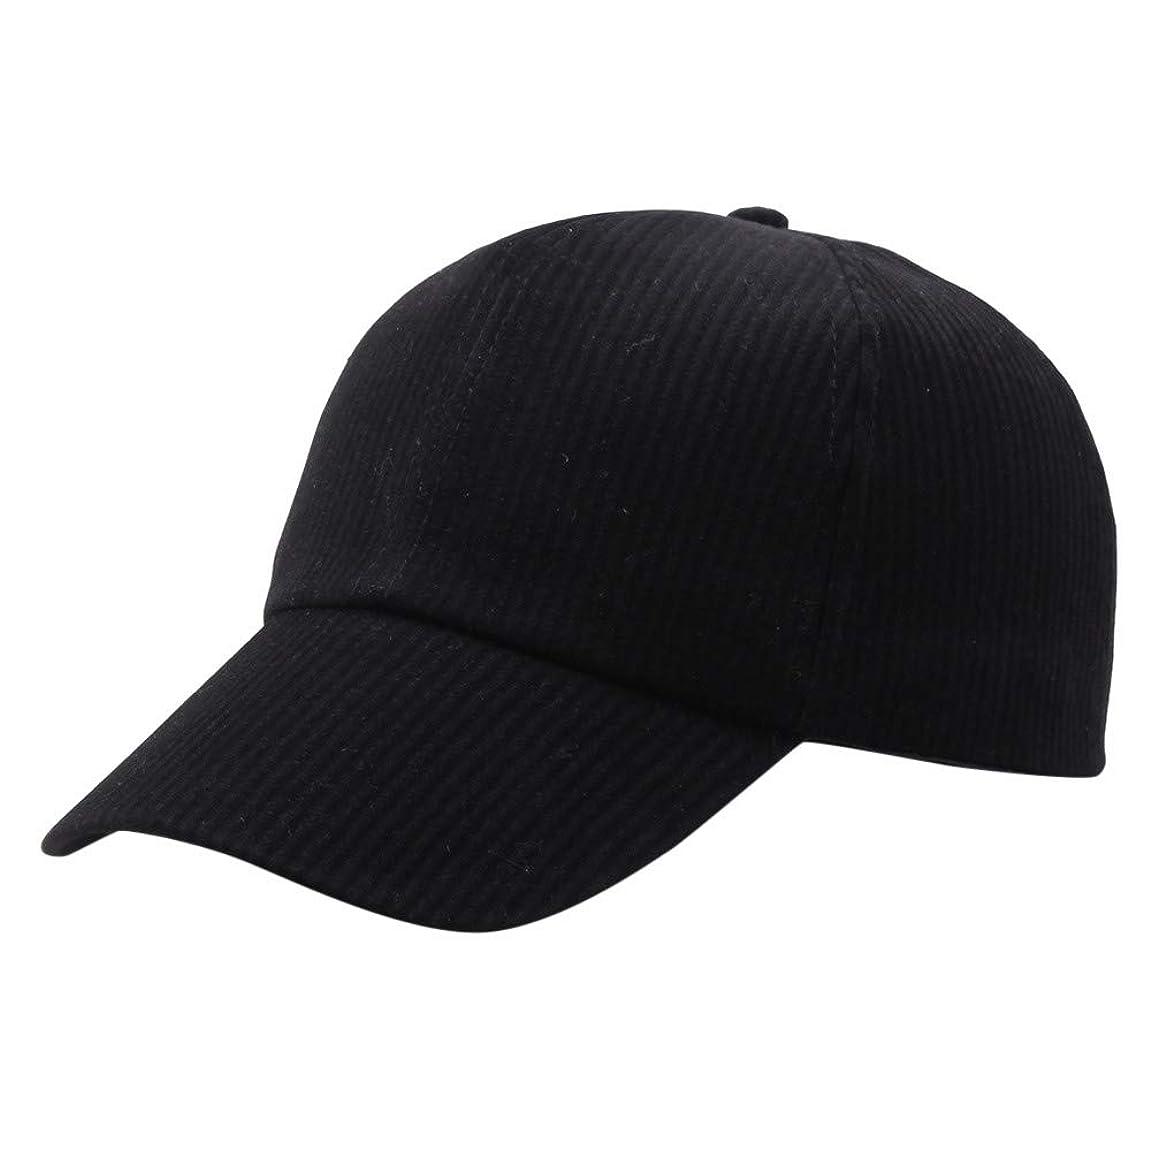 何故なの洞窟値下げRacazing Cap コーデュロイ 野球帽 迷彩 夏 登山 通気性のある メッシュ 帽子 ベルクロ 可調整可能 ストライプ 刺繍 棒球帽 UV 帽子 軽量 屋外 Unisex Hat (B)